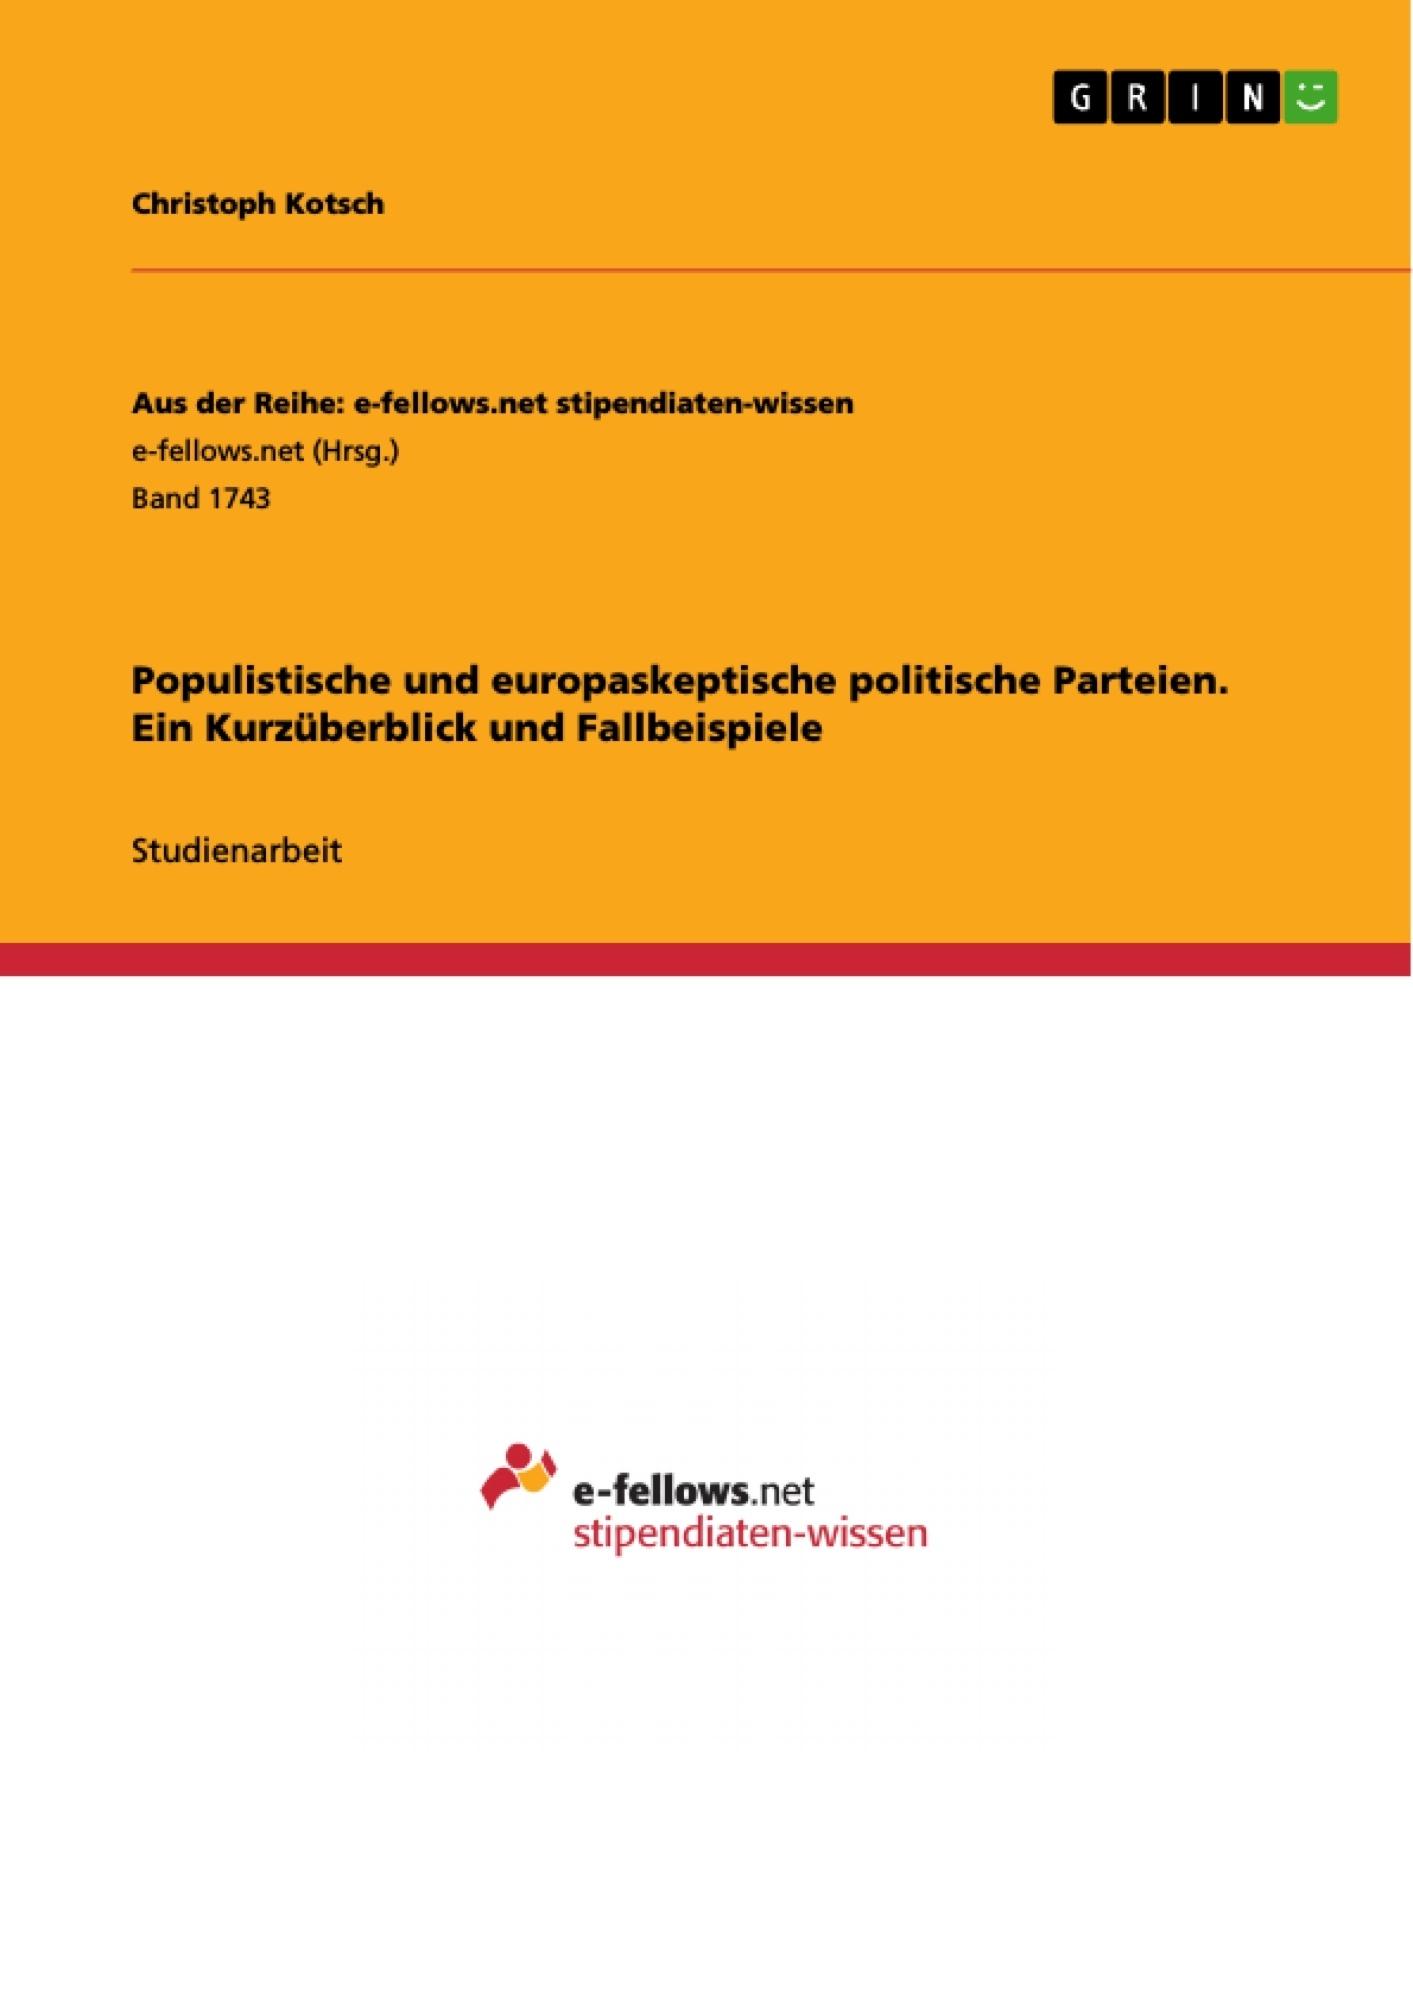 Titel: Populistische und europaskeptische politische Parteien. Ein Kurzüberblick und Fallbeispiele